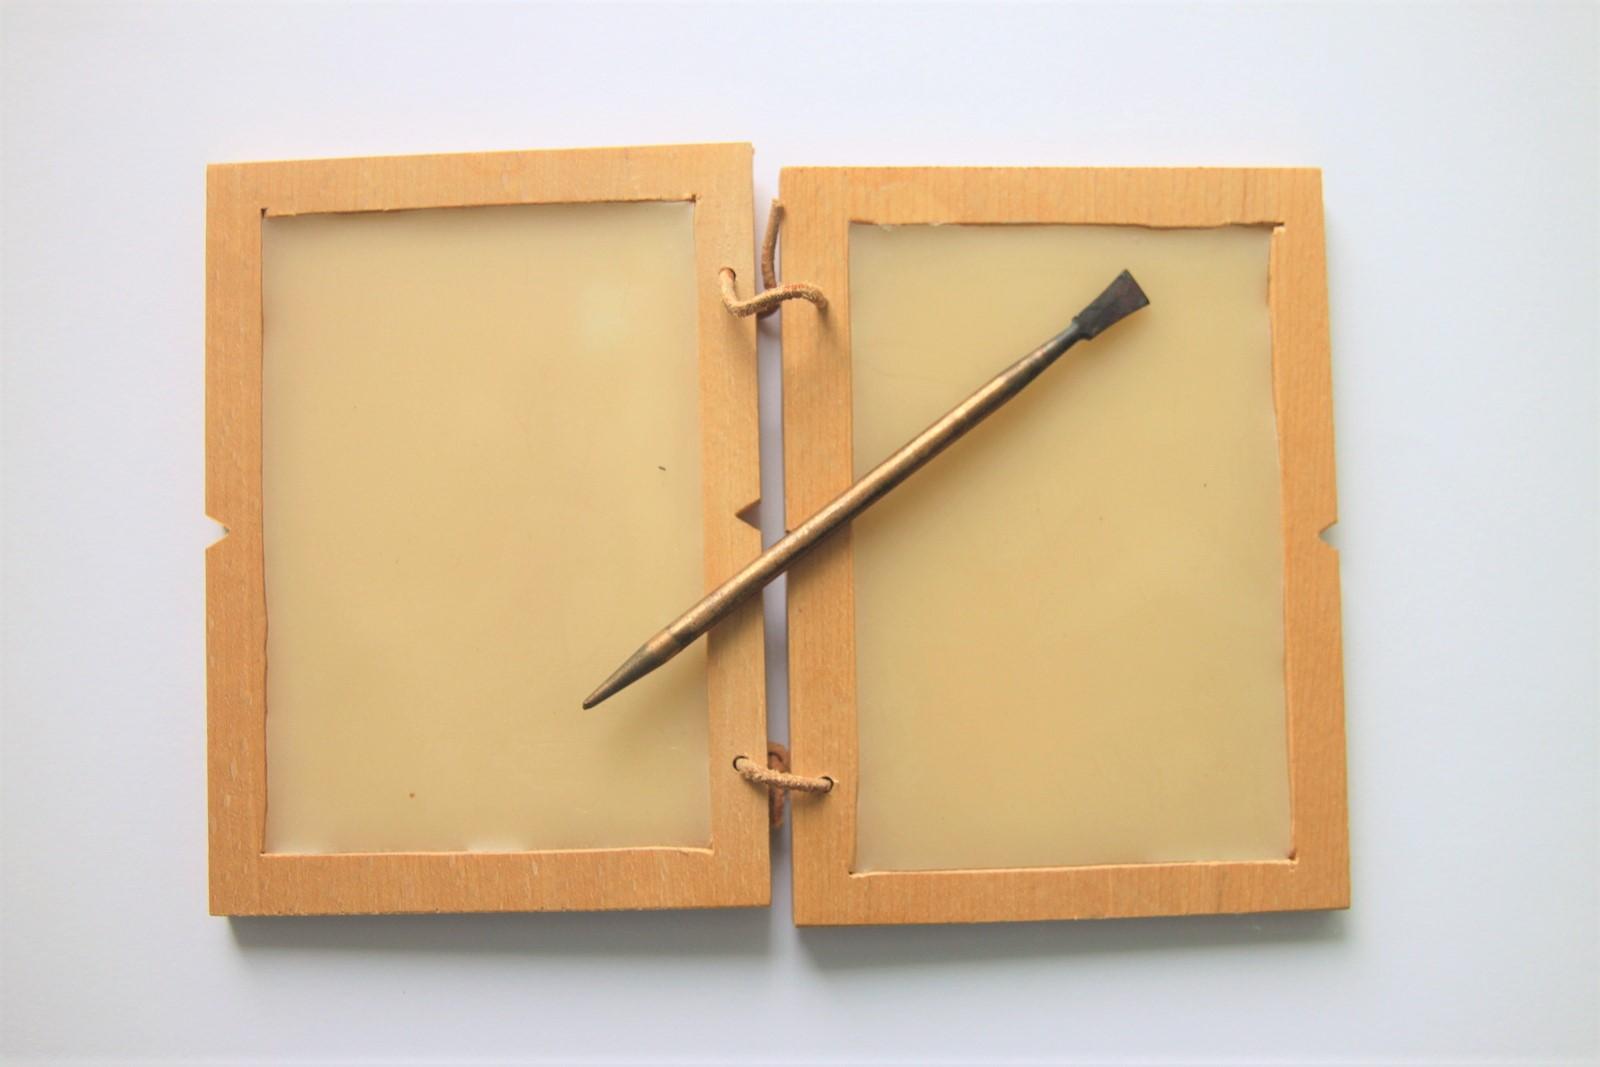 Wax tablet with stylus, photo Peter van der Sluijs